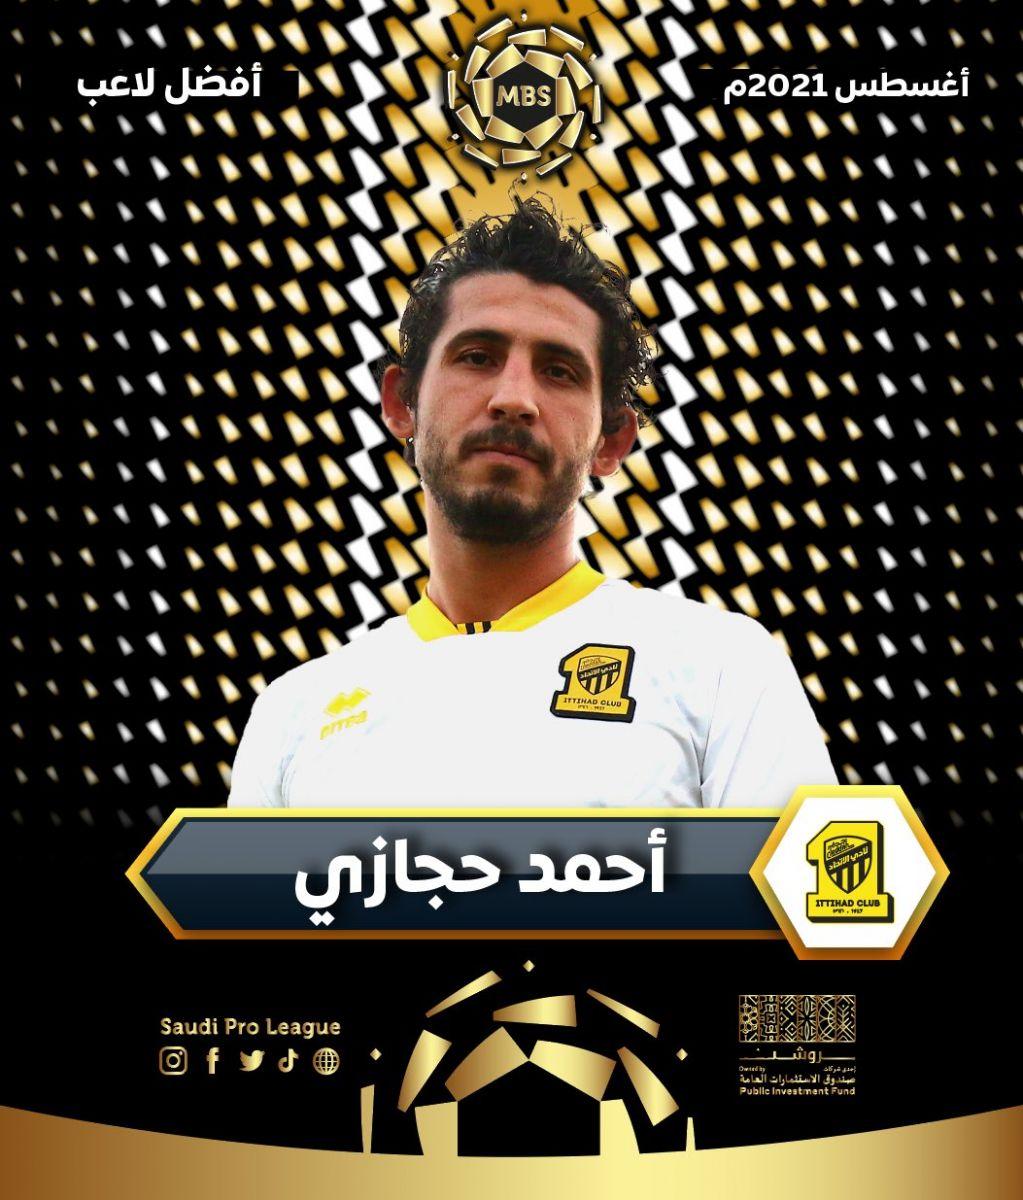 أحمد حجازي أفضل لاعب في شهر أغسطس بالدوري السعودي